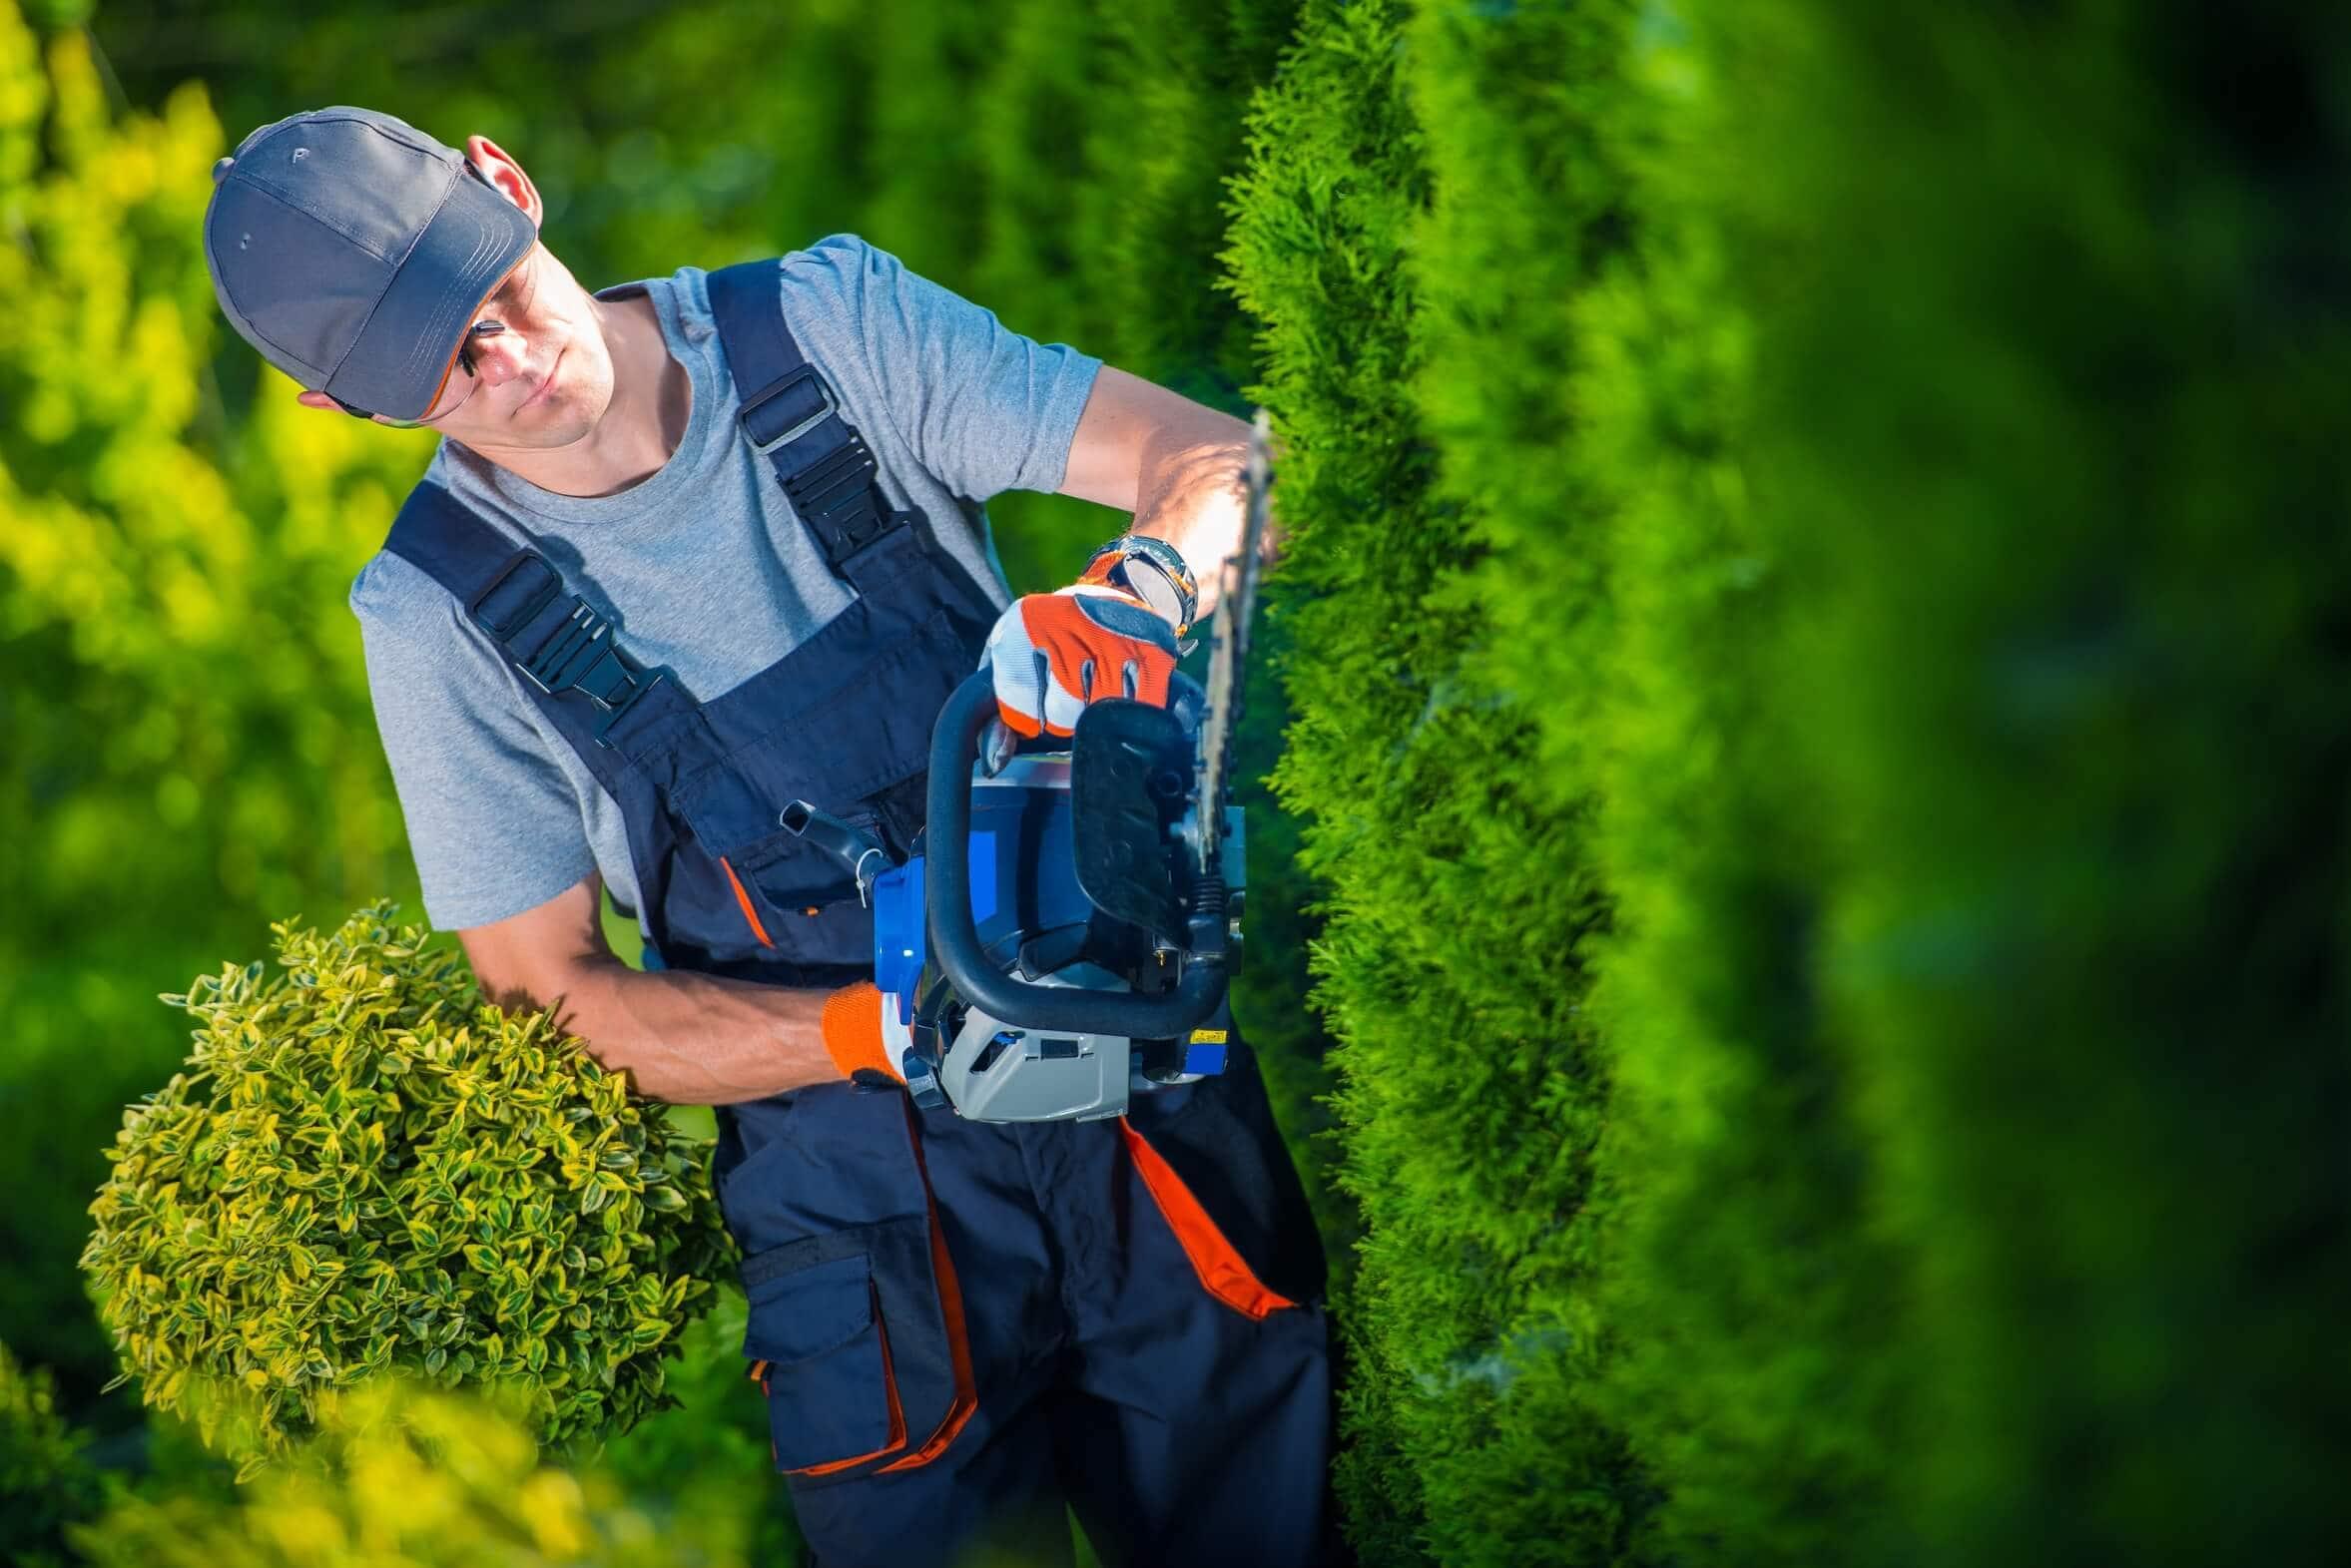 Gärtner trimmt eine Hecke